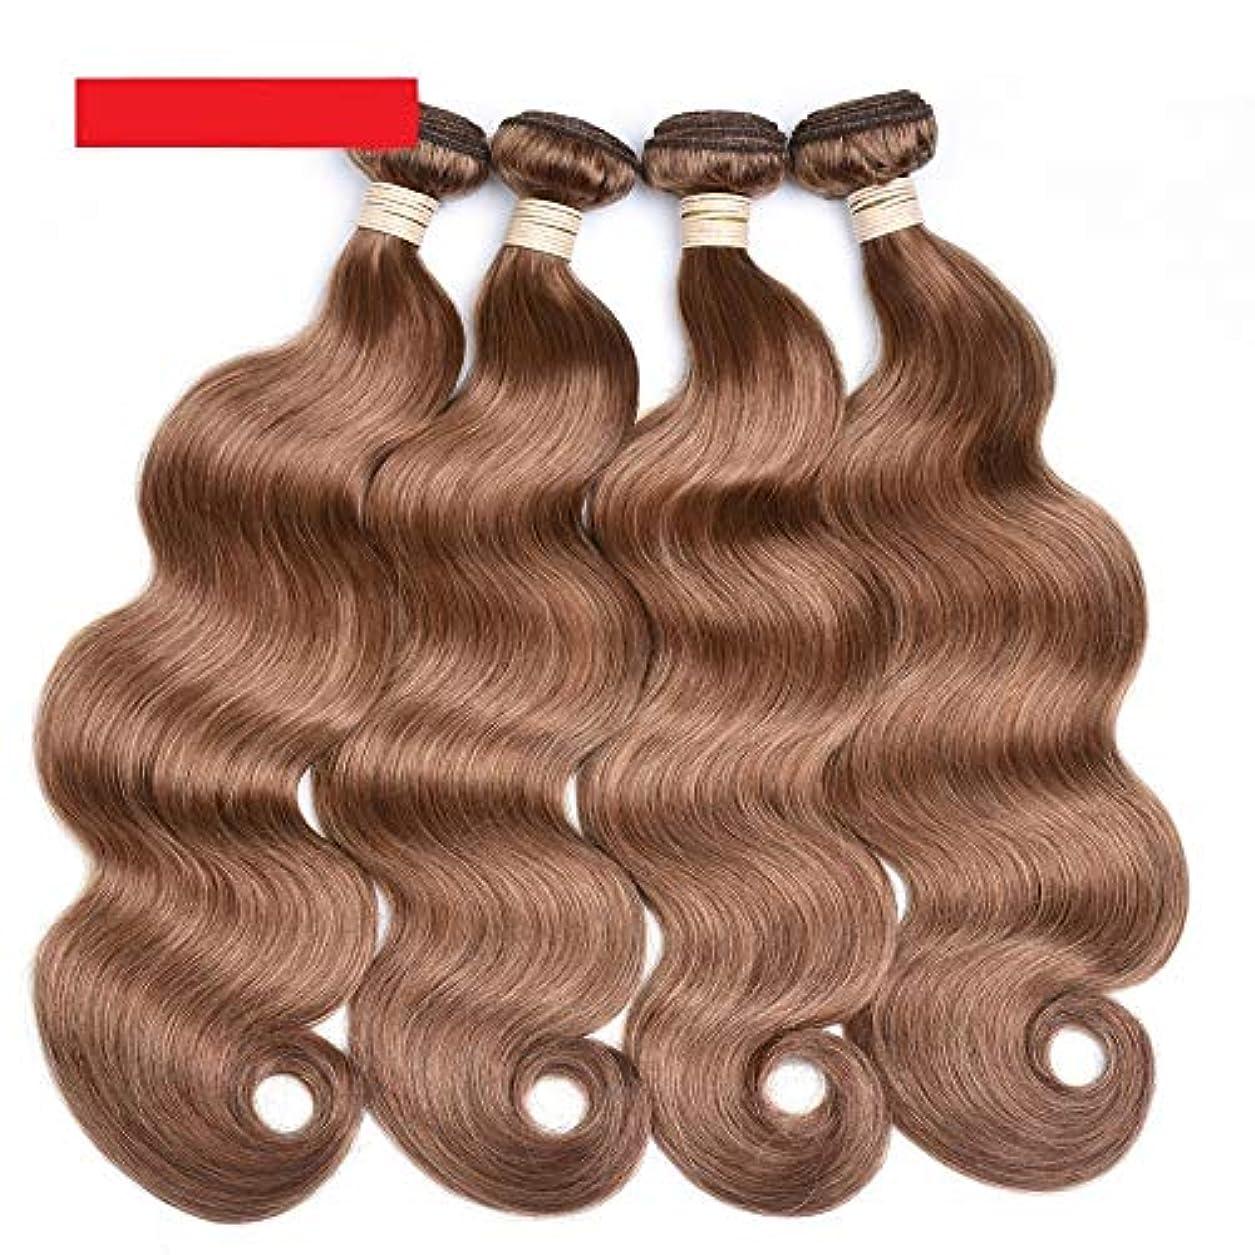 ワイドポイントユニークなHOHYLLYA ブラジルの髪の実体波100%バージンヒューマンヘアエクステンション1バンドル横糸の織り方#30茶色(8